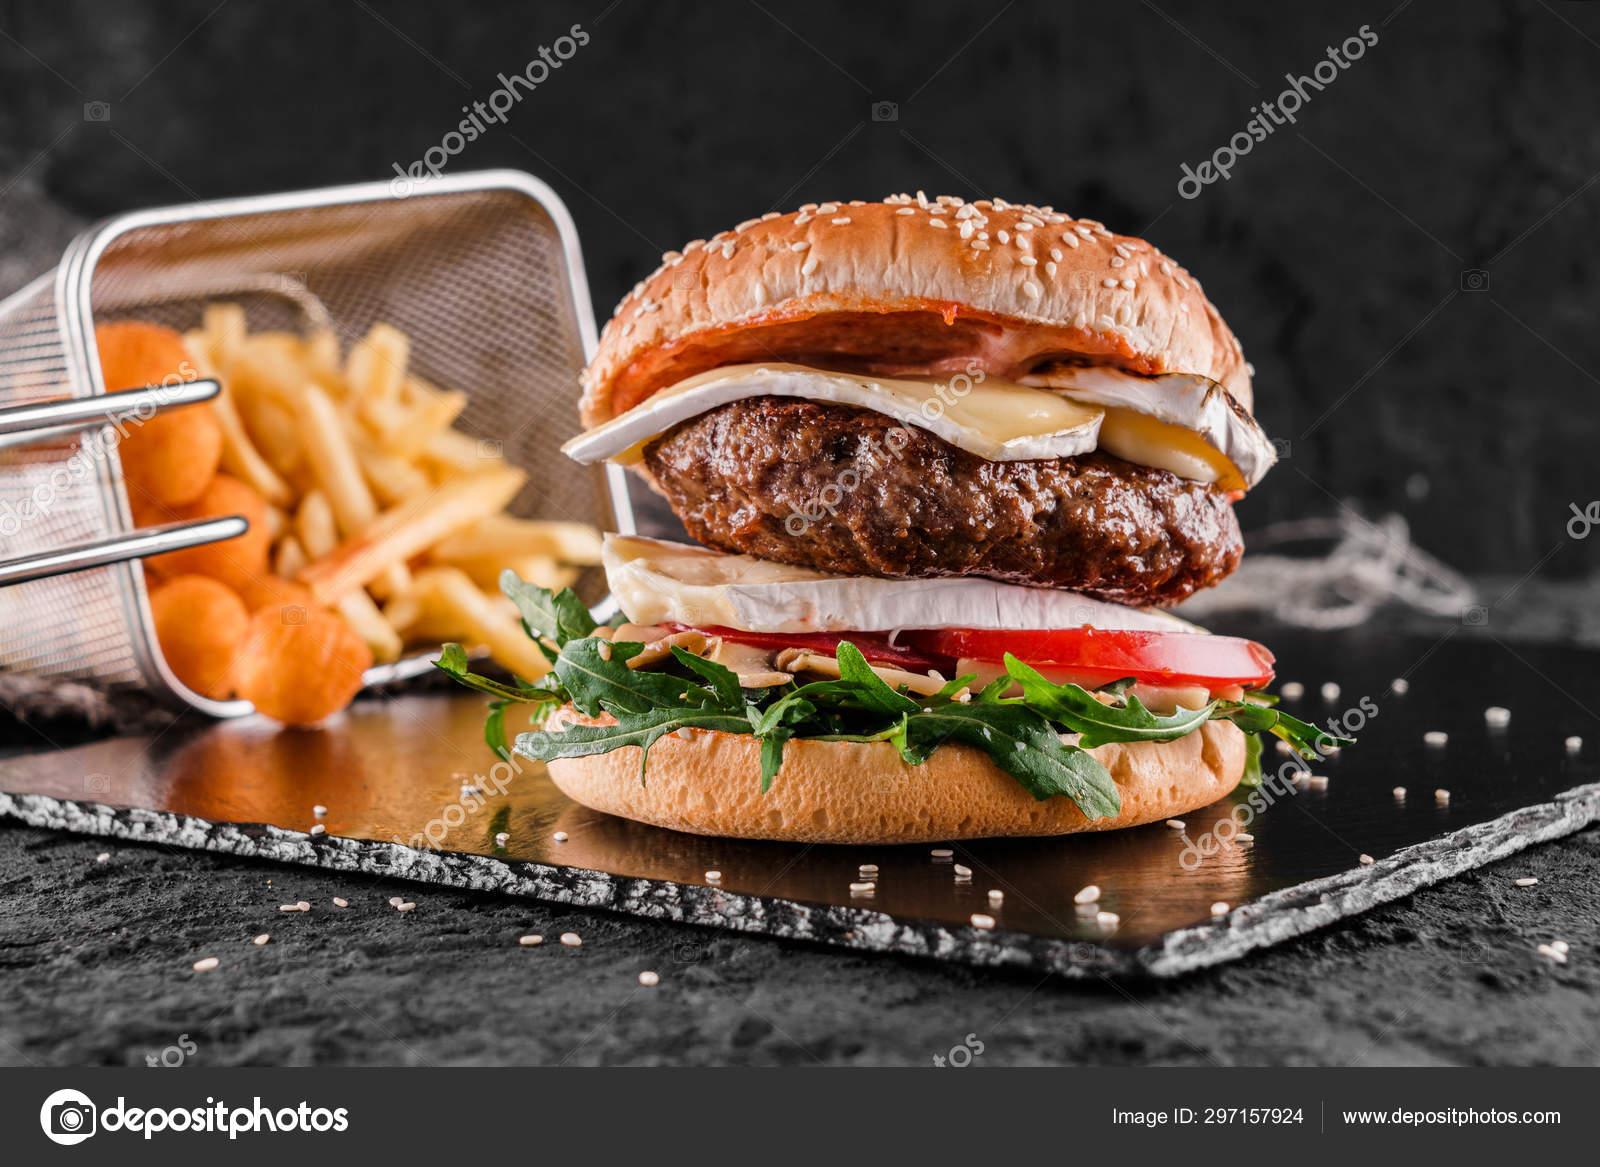 Обои котлета, Сэндвич, hamburger, Meat, Гамбургер, tomatoes, салат, булочка, Fast food, картошка фри, фастфуд, соус. Еда foto 16